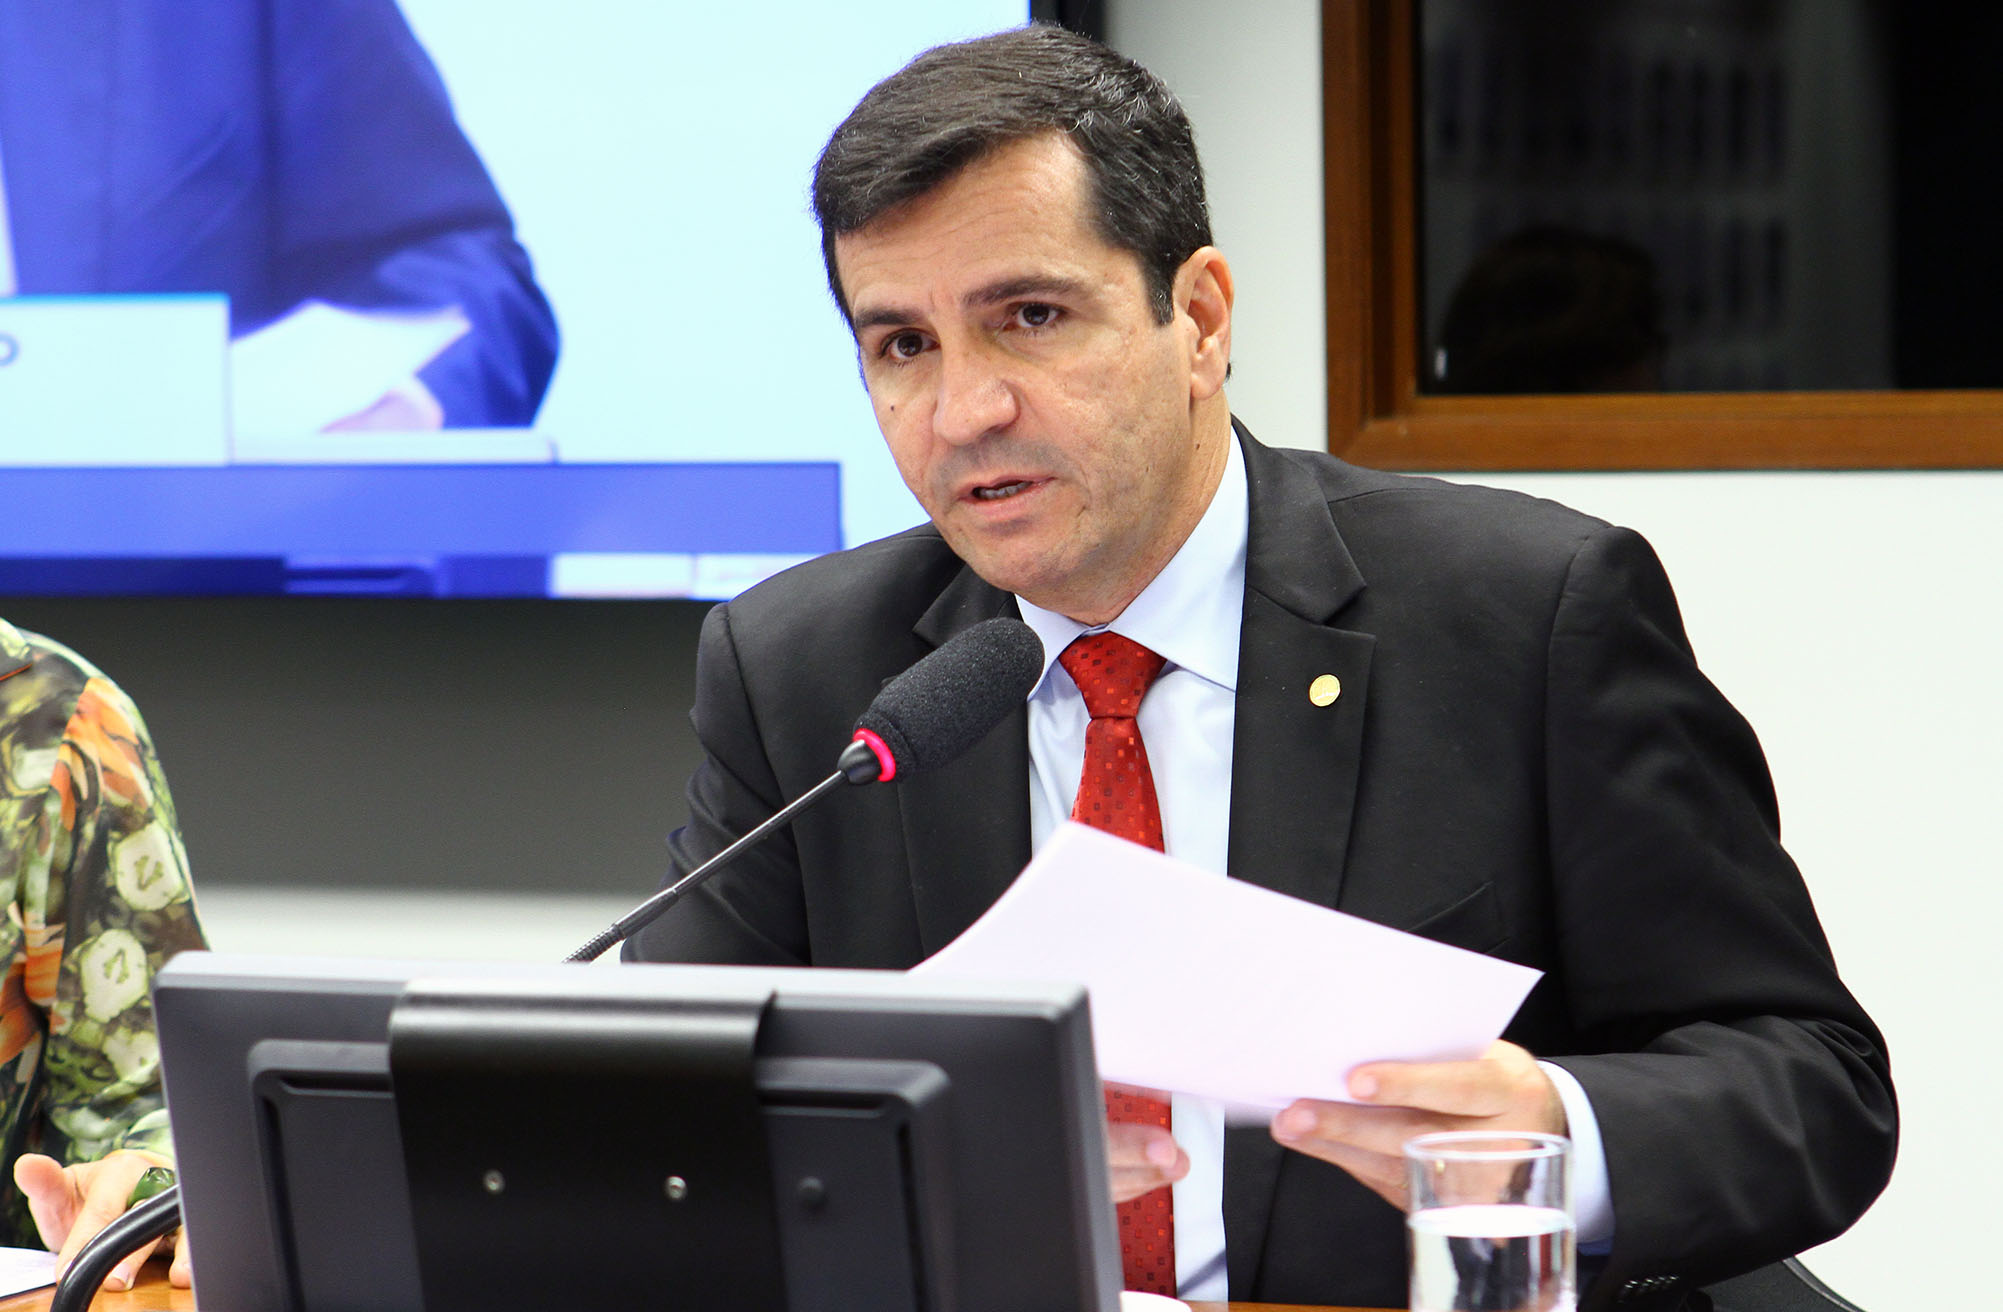 Audiência pública para discutir o elevado preço dos combustíveis no país. Dep. Givaldo Vieira (PT - ES)